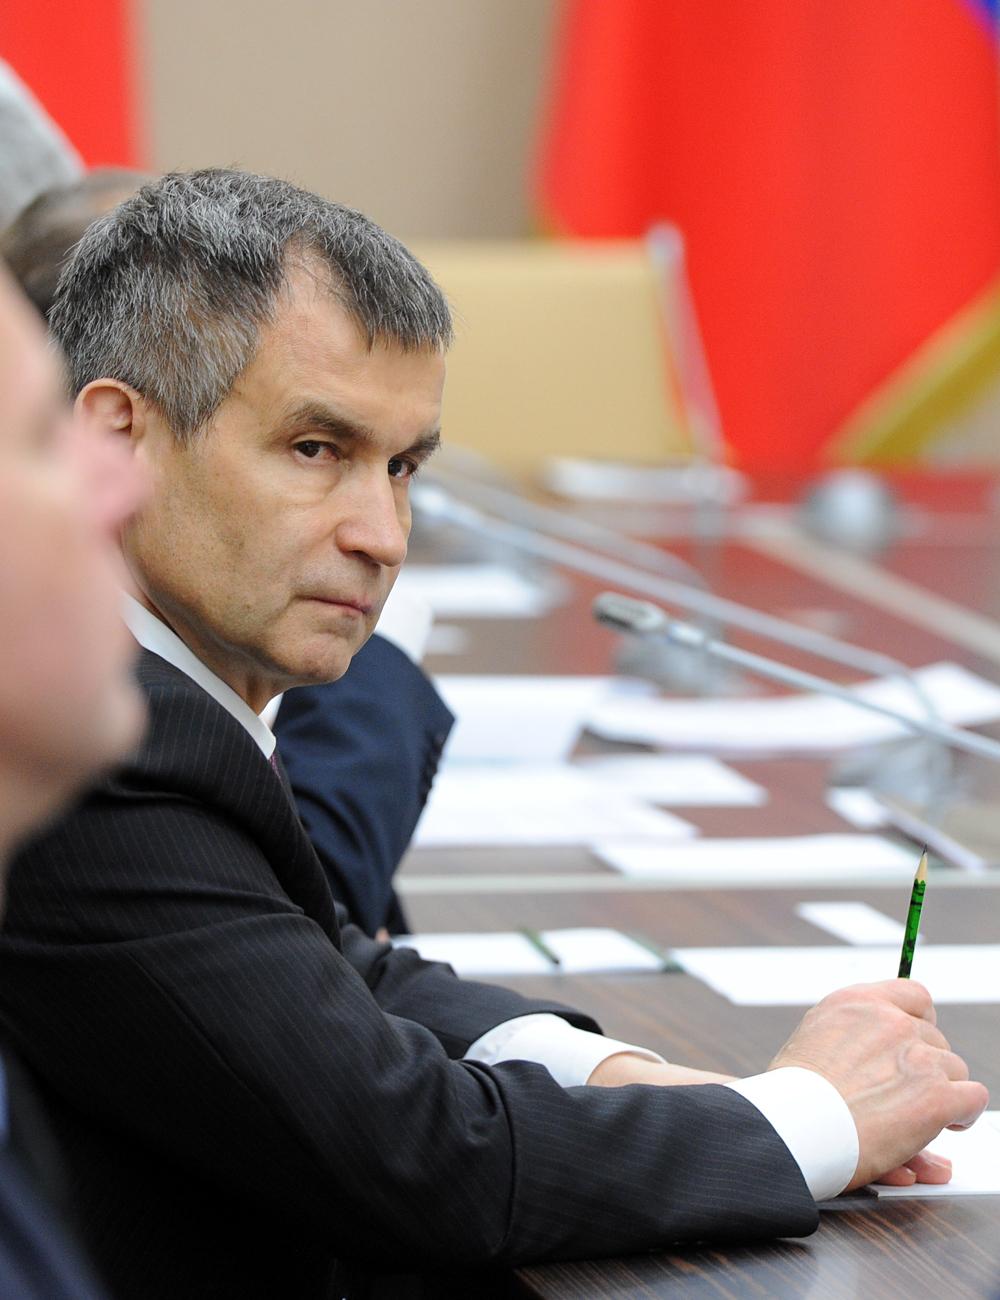 Rachid NourgalievnAu KGB : dès les années 1980, directeur du KGB de la République de Carélie.nAprès : ministre de l'Intérieur de 2004 à 2012 ; actuellement, secrétaire adjoint du Conseil de sécurité de la Fédération de Russie.n